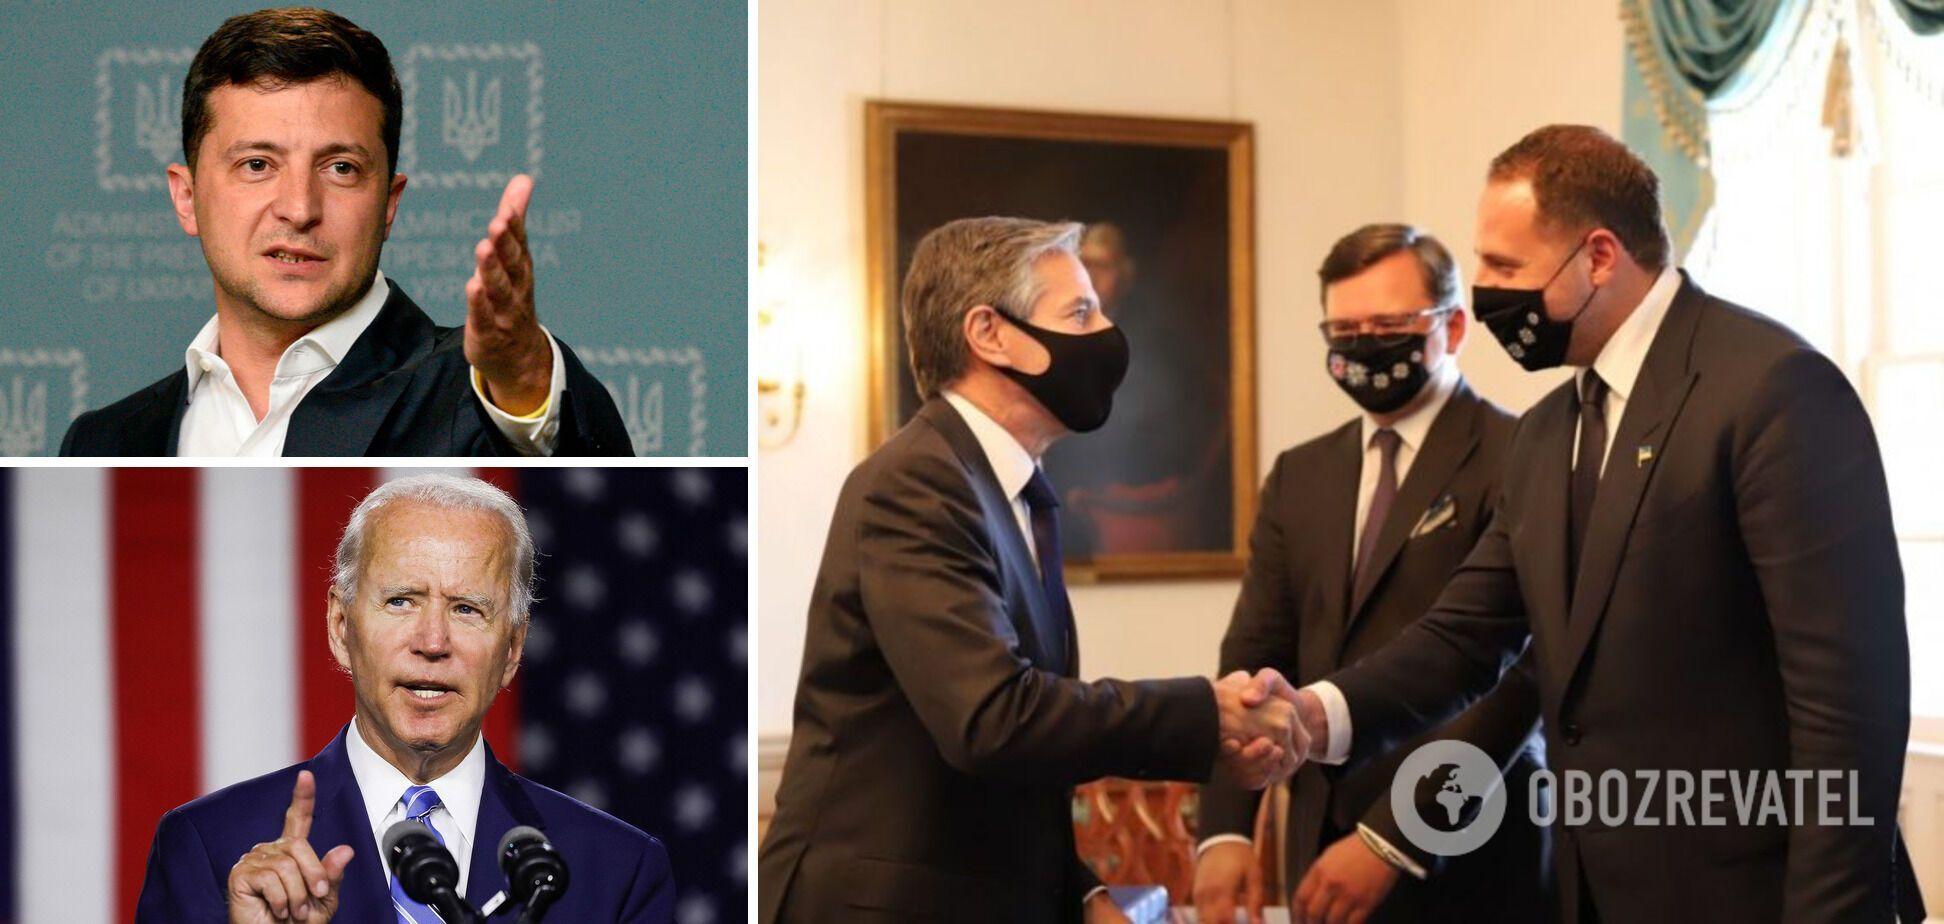 Зустріч Зеленського і Байдена: чого чекати Україні?